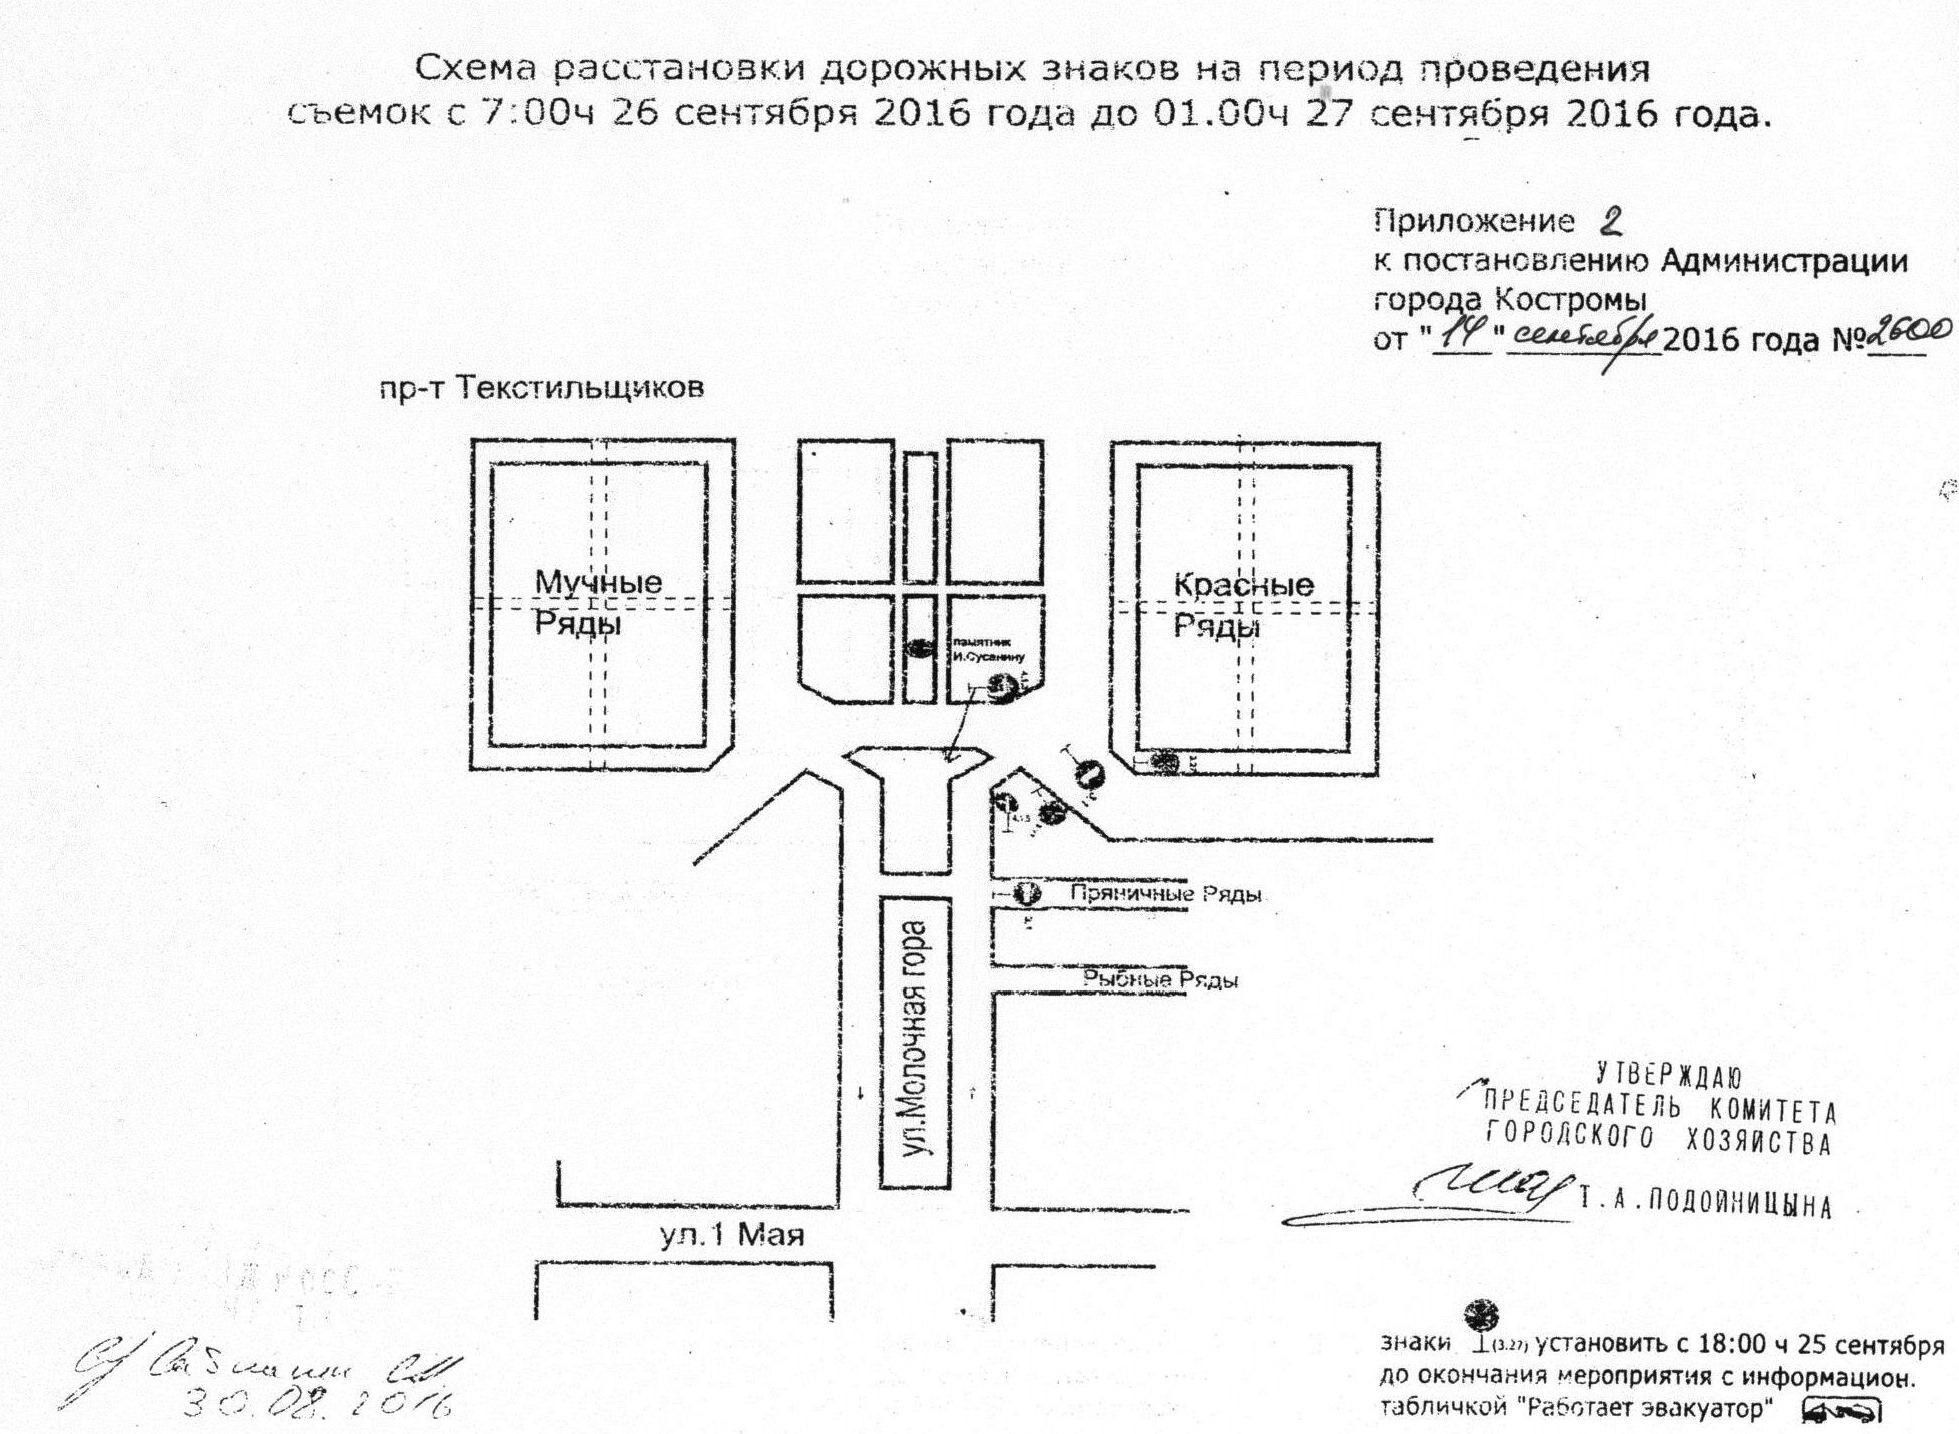 Схема расстановки дорожных знаков фото 10